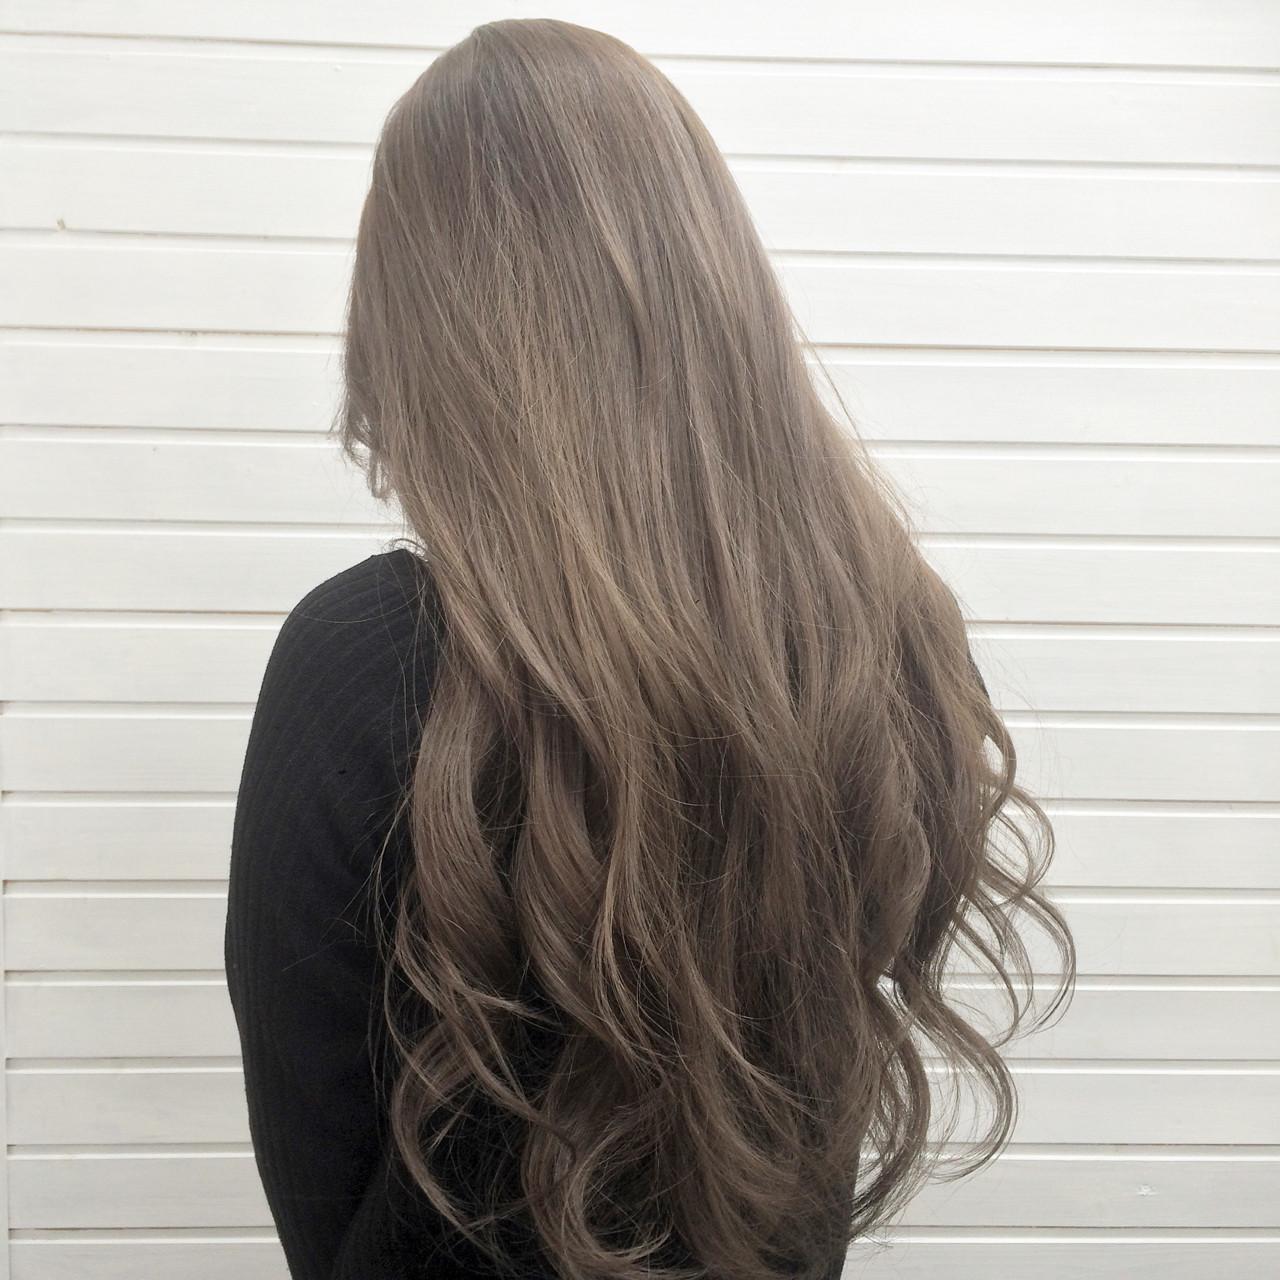 外国人風 グラデーションカラー ハイライト アッシュ ヘアスタイルや髪型の写真・画像